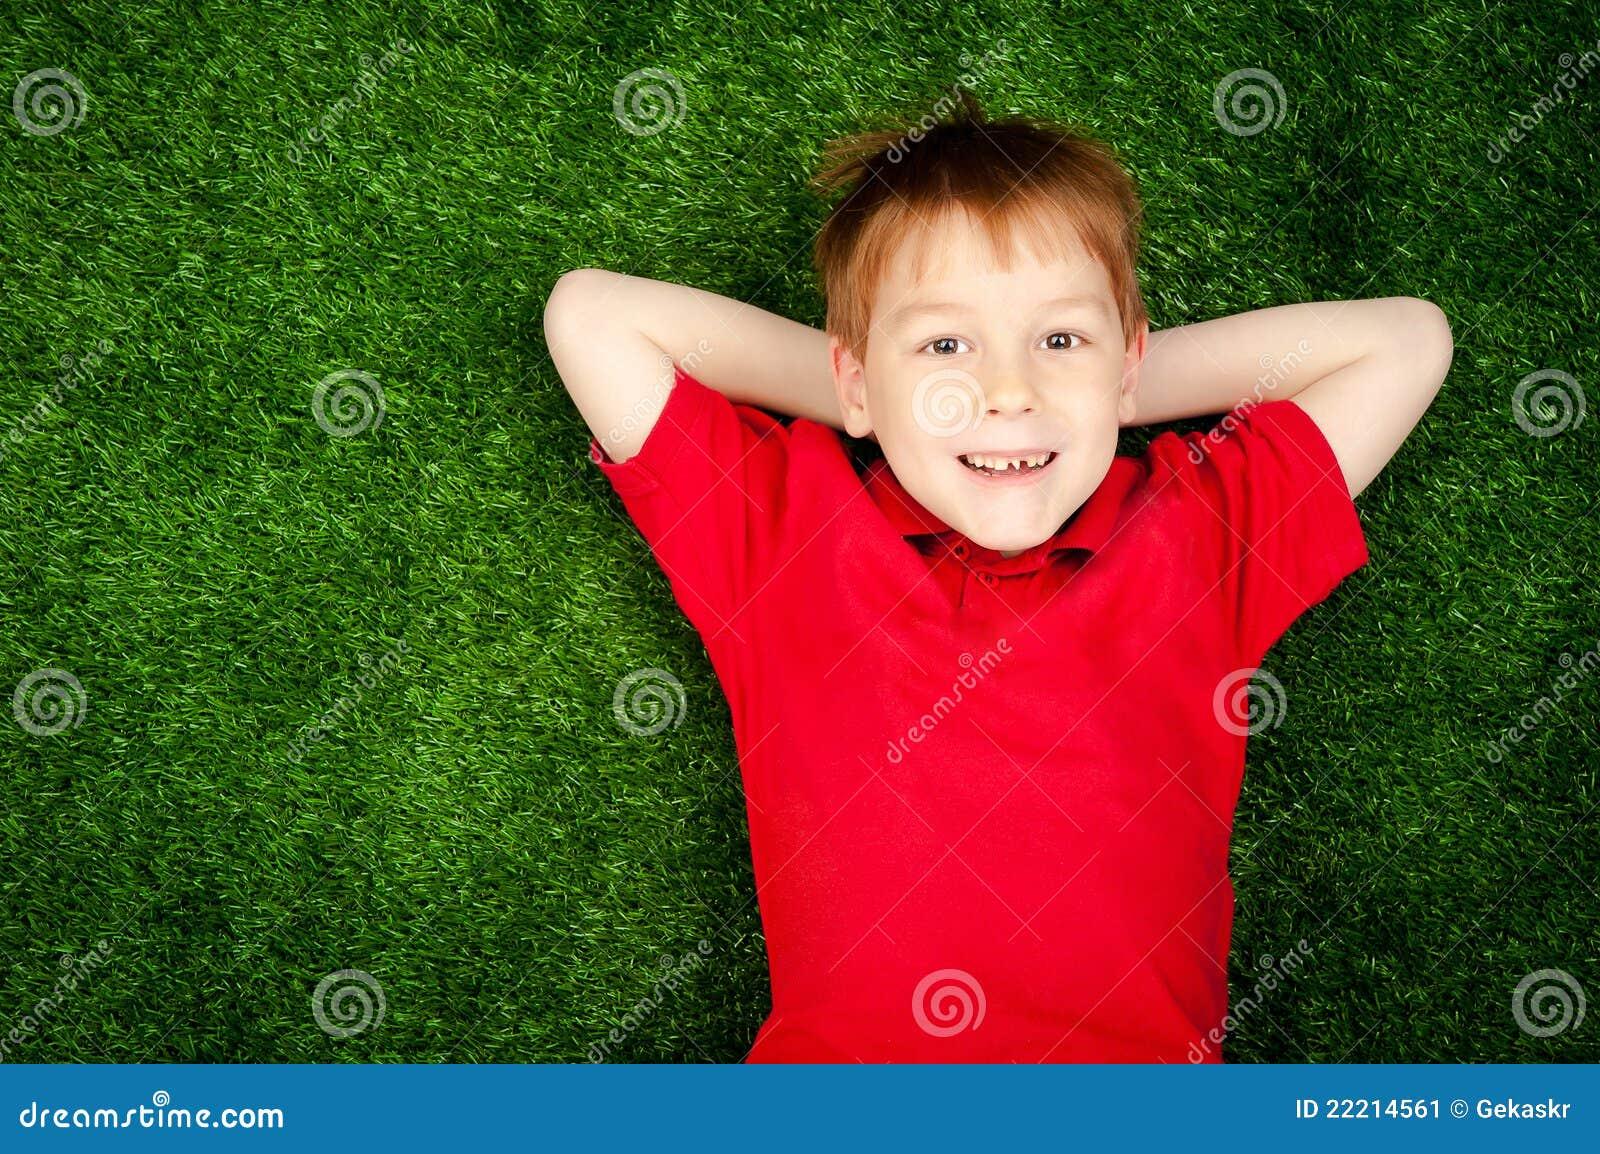 Ligga för lawn för pojke grönt